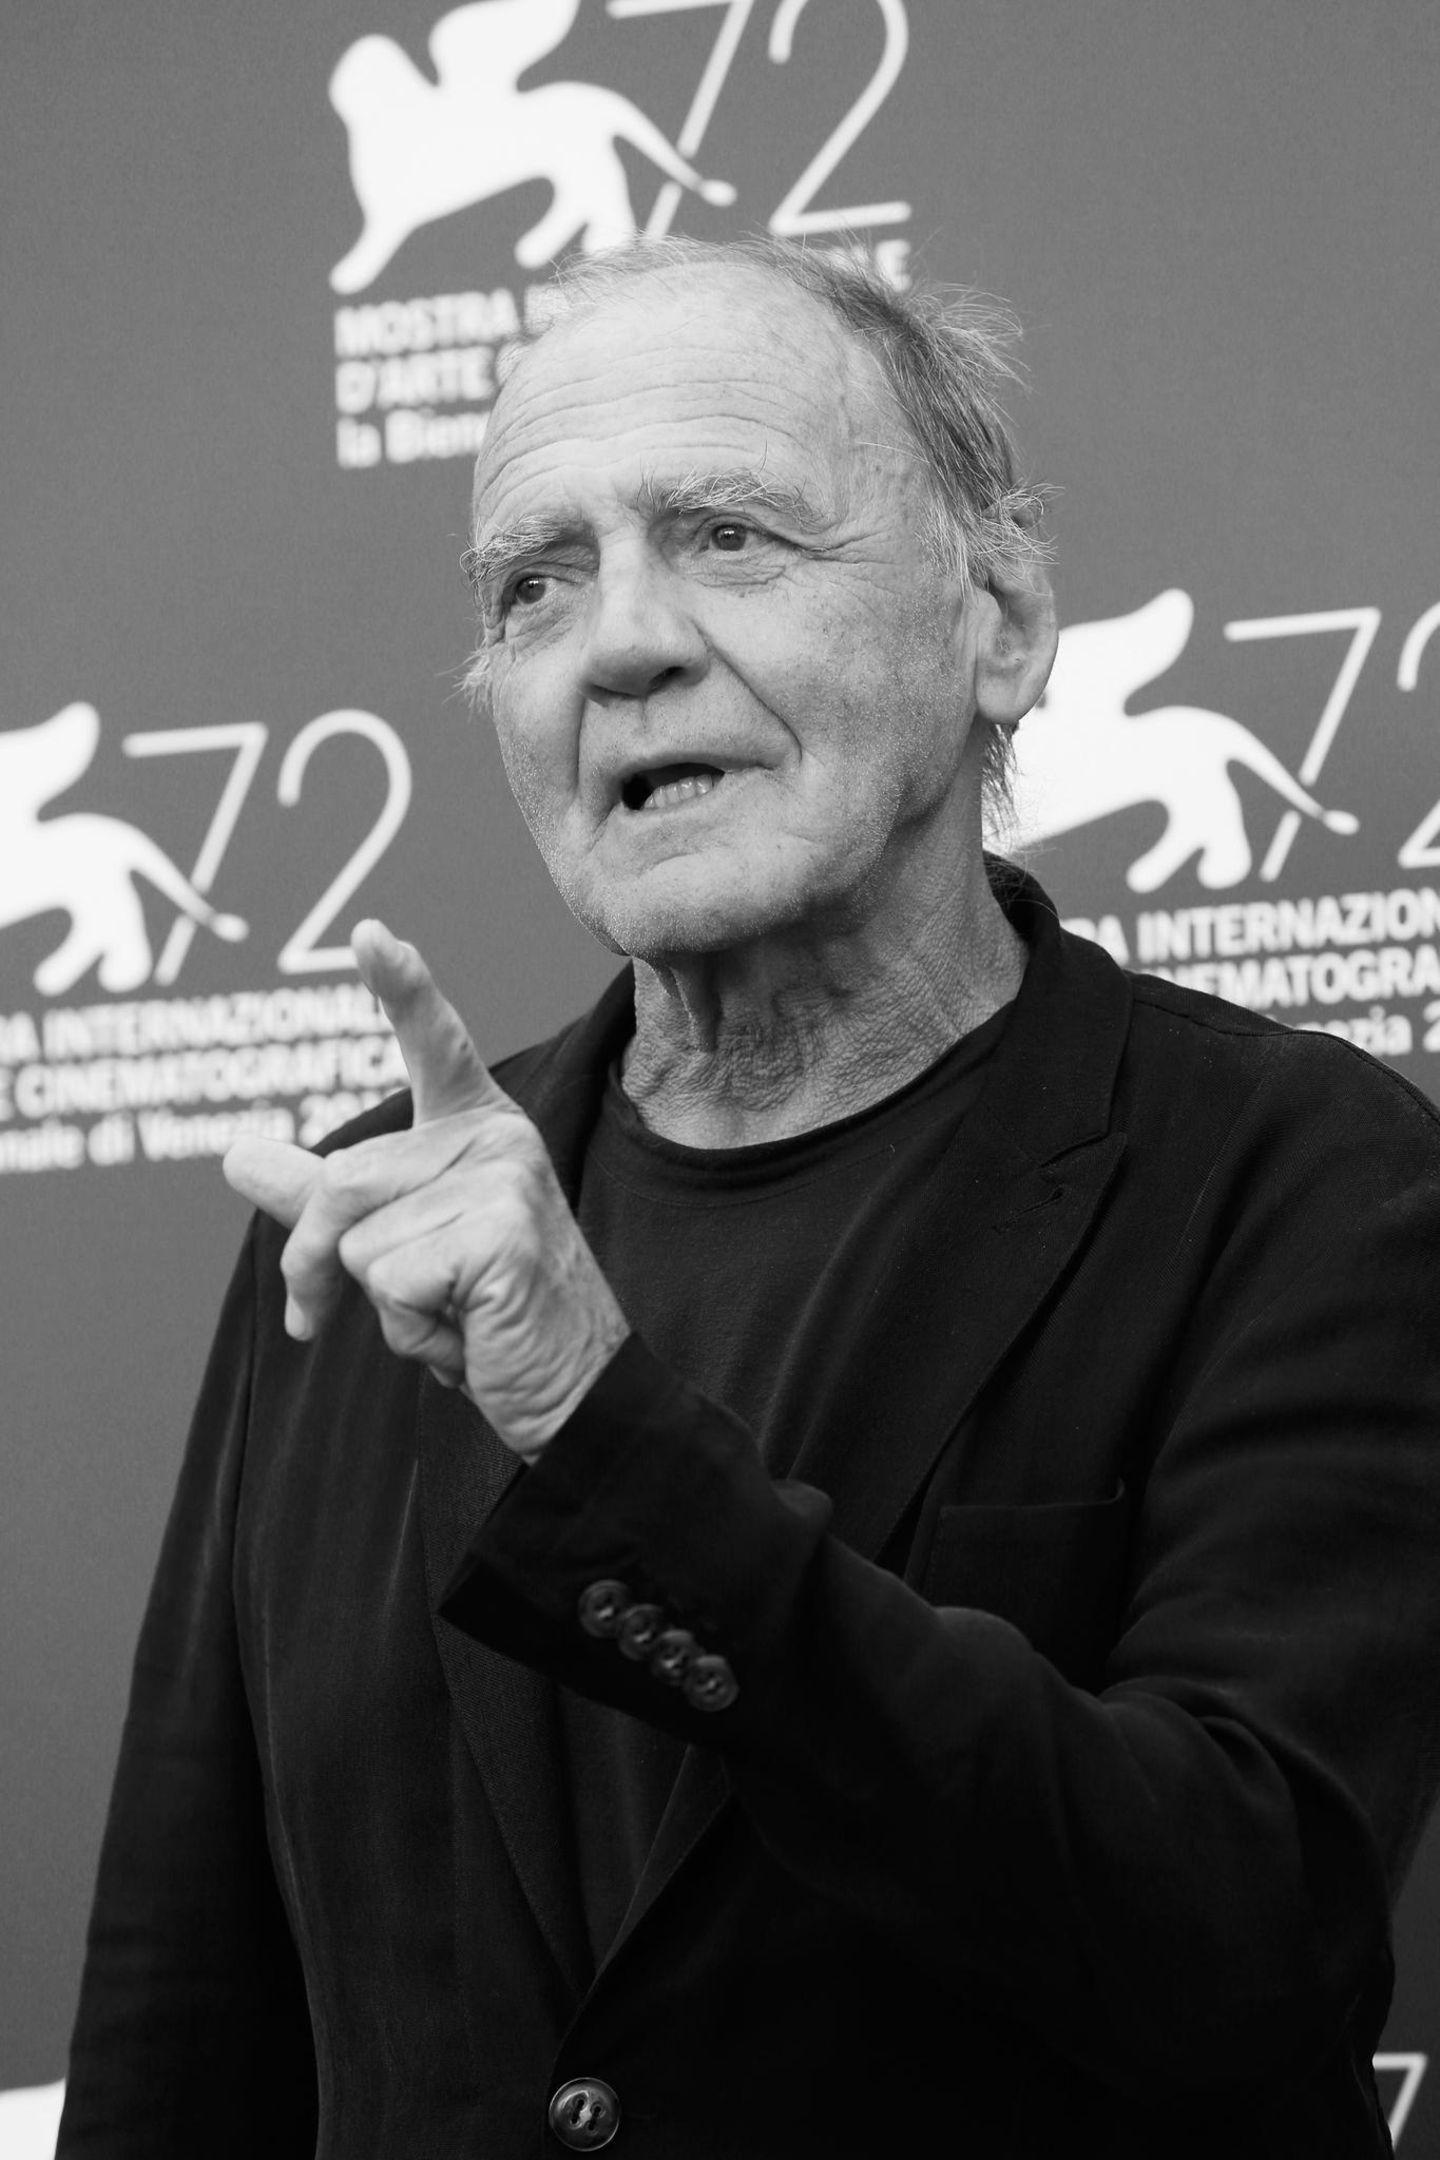 16. Februar 2019: Bruno Ganz (77Jahre)  Bruno Ganz ist tot. Der Träger des Iffland-Rings galt als einer der größten deutschen Schauspieler überhaupt und warin unzähligen Theater- und Kinoproduktionen zu sehen. Er verstarb in seinem Haus in Zürich.